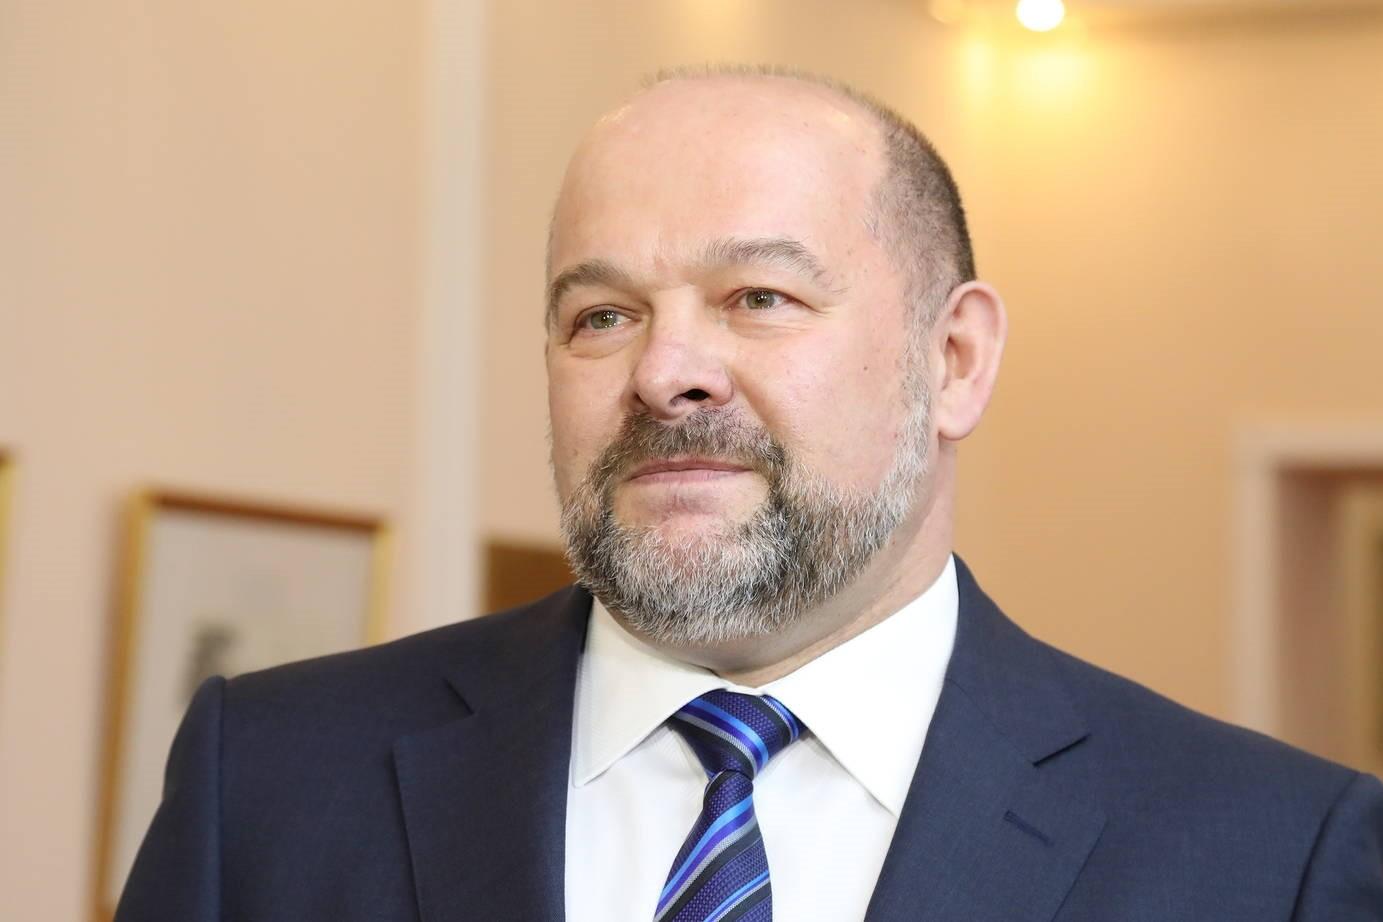 Игорь Орлов подал заявление об отставке. Временно исполняющим обязанности назначен Александр Цыбульский